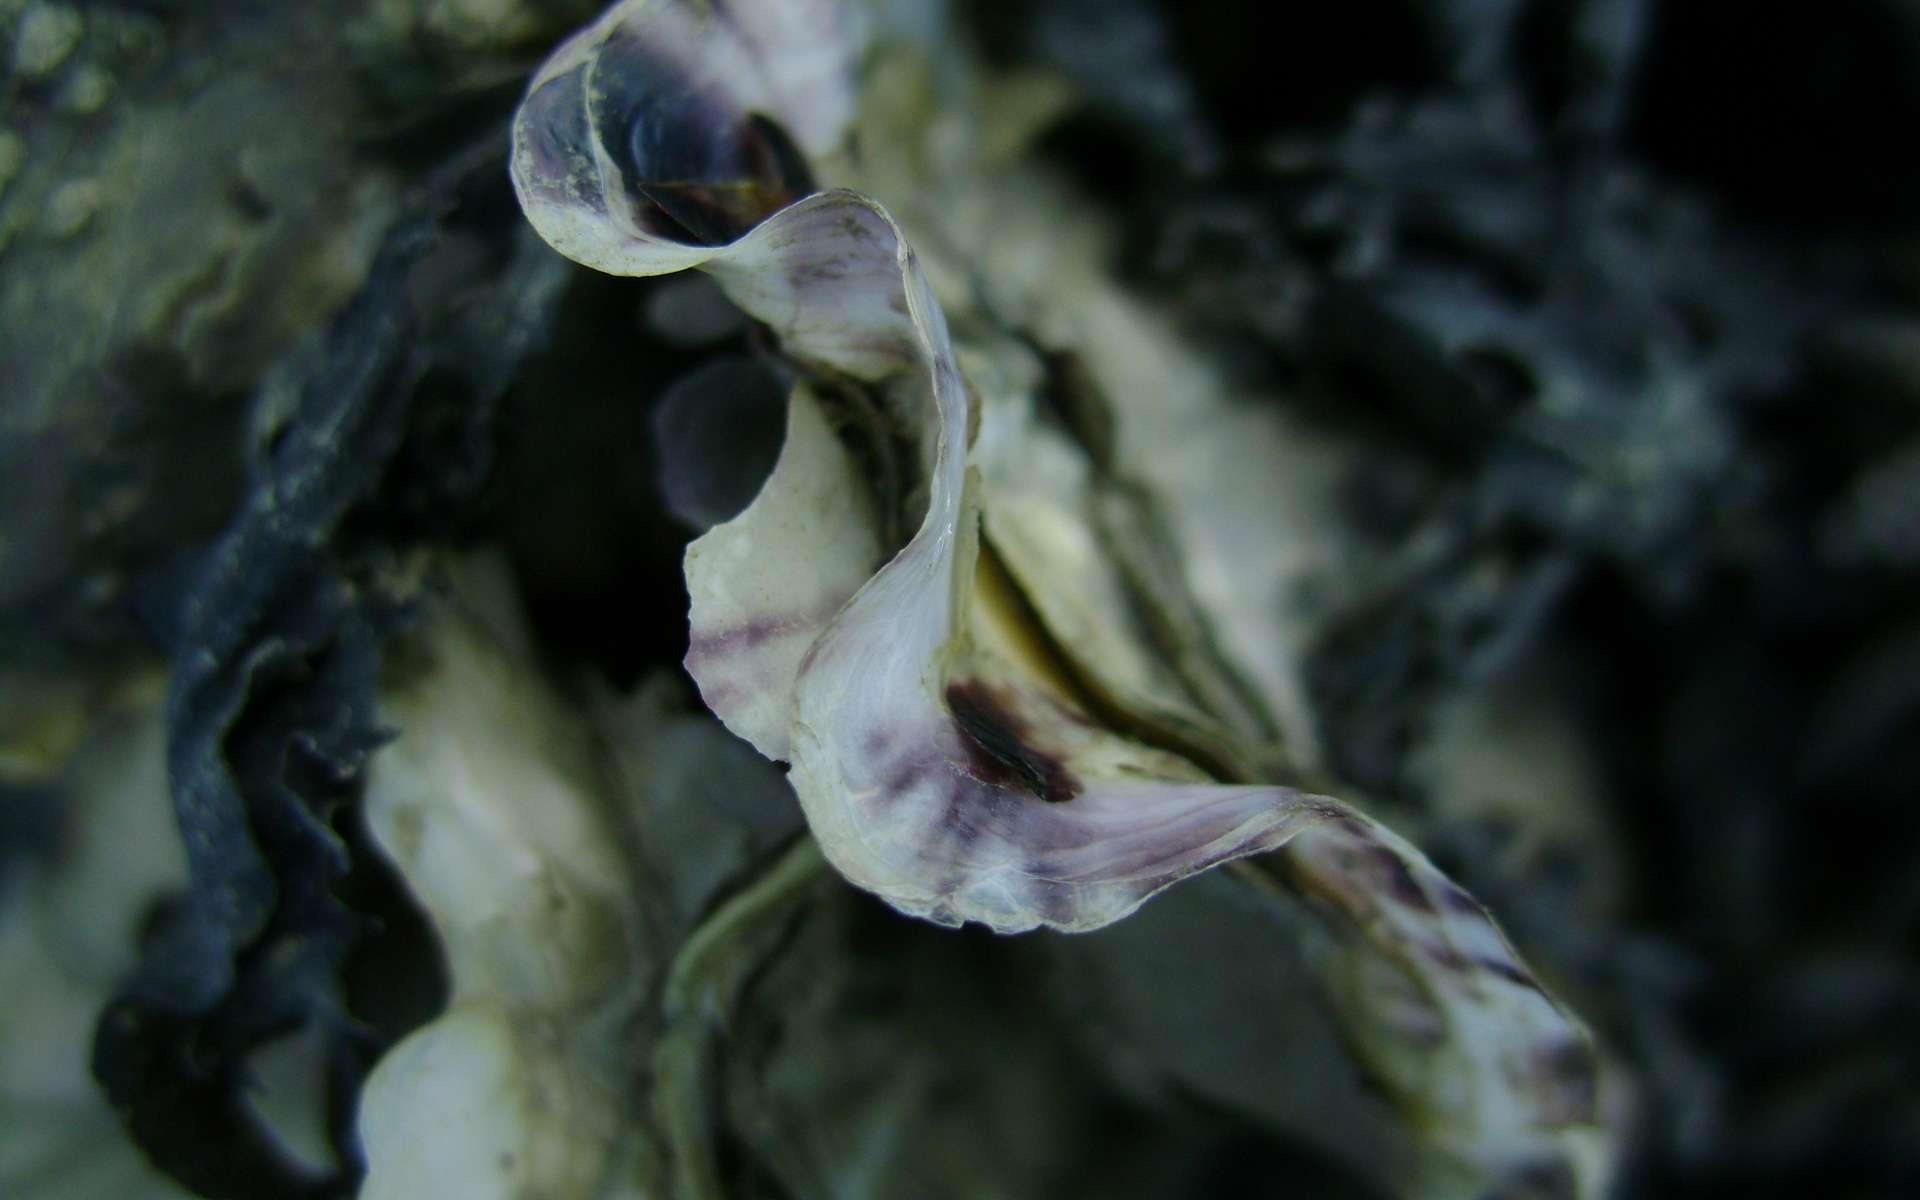 Une jeune huître du Pacifique. © Gilbert Le Moigne, Wikimedia Commons